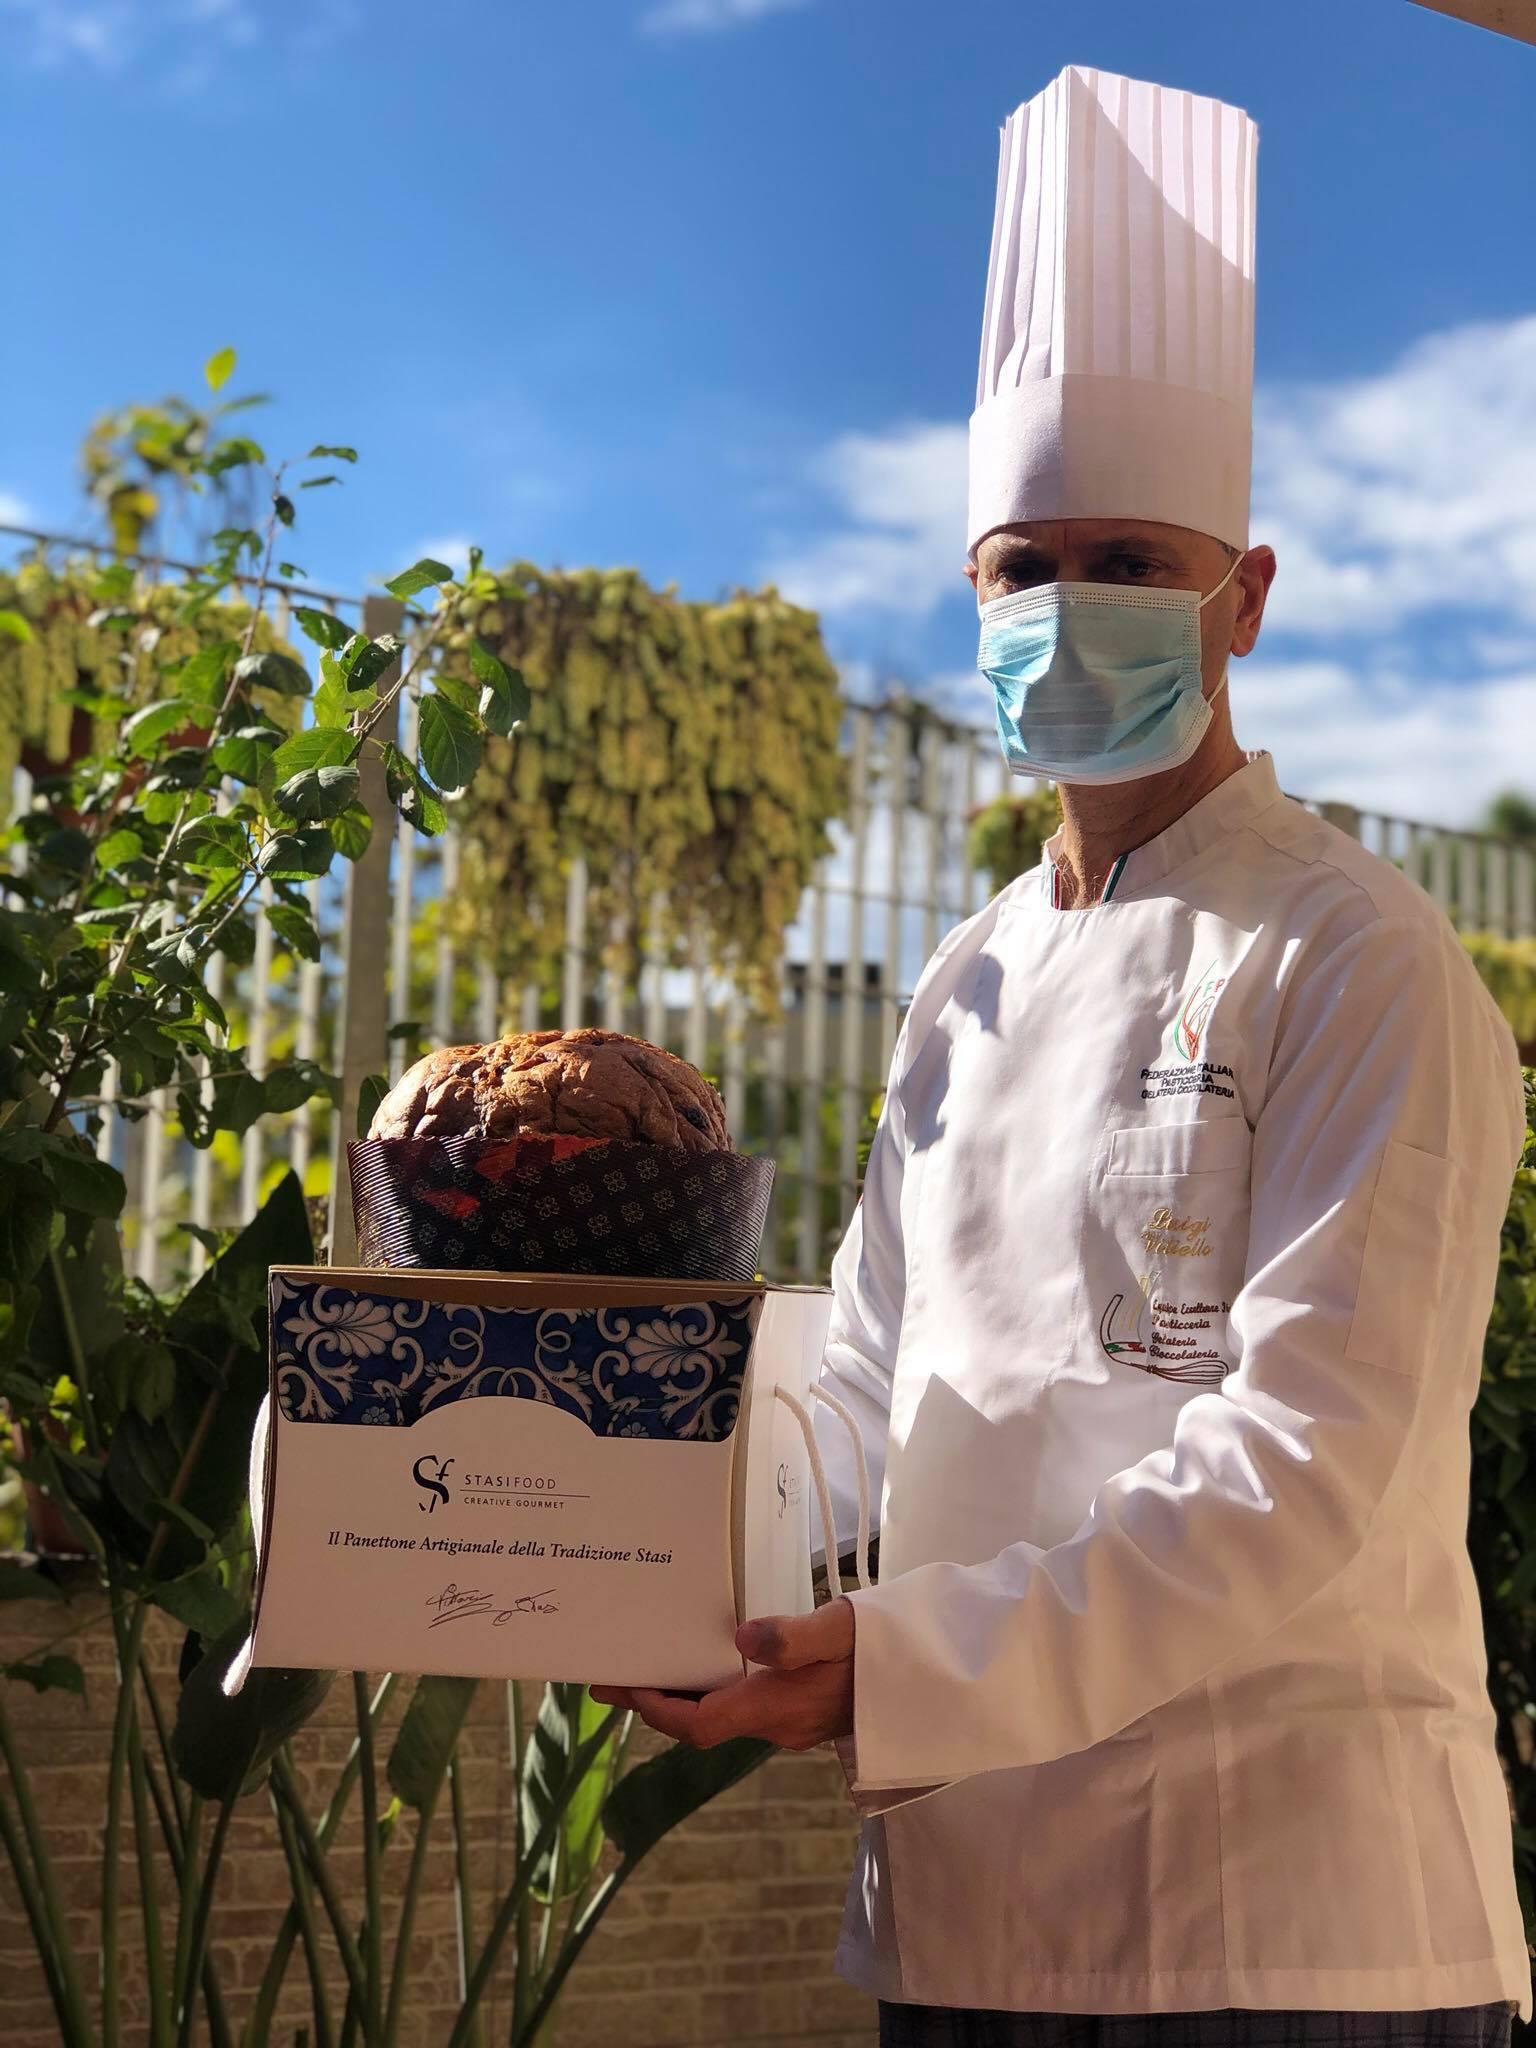 """Il panettone del pastry chef Luigi Vitiello si aggiudica la medaglia d'argento al """"Campionato mondiale miglior panettone del mondo 2020"""""""